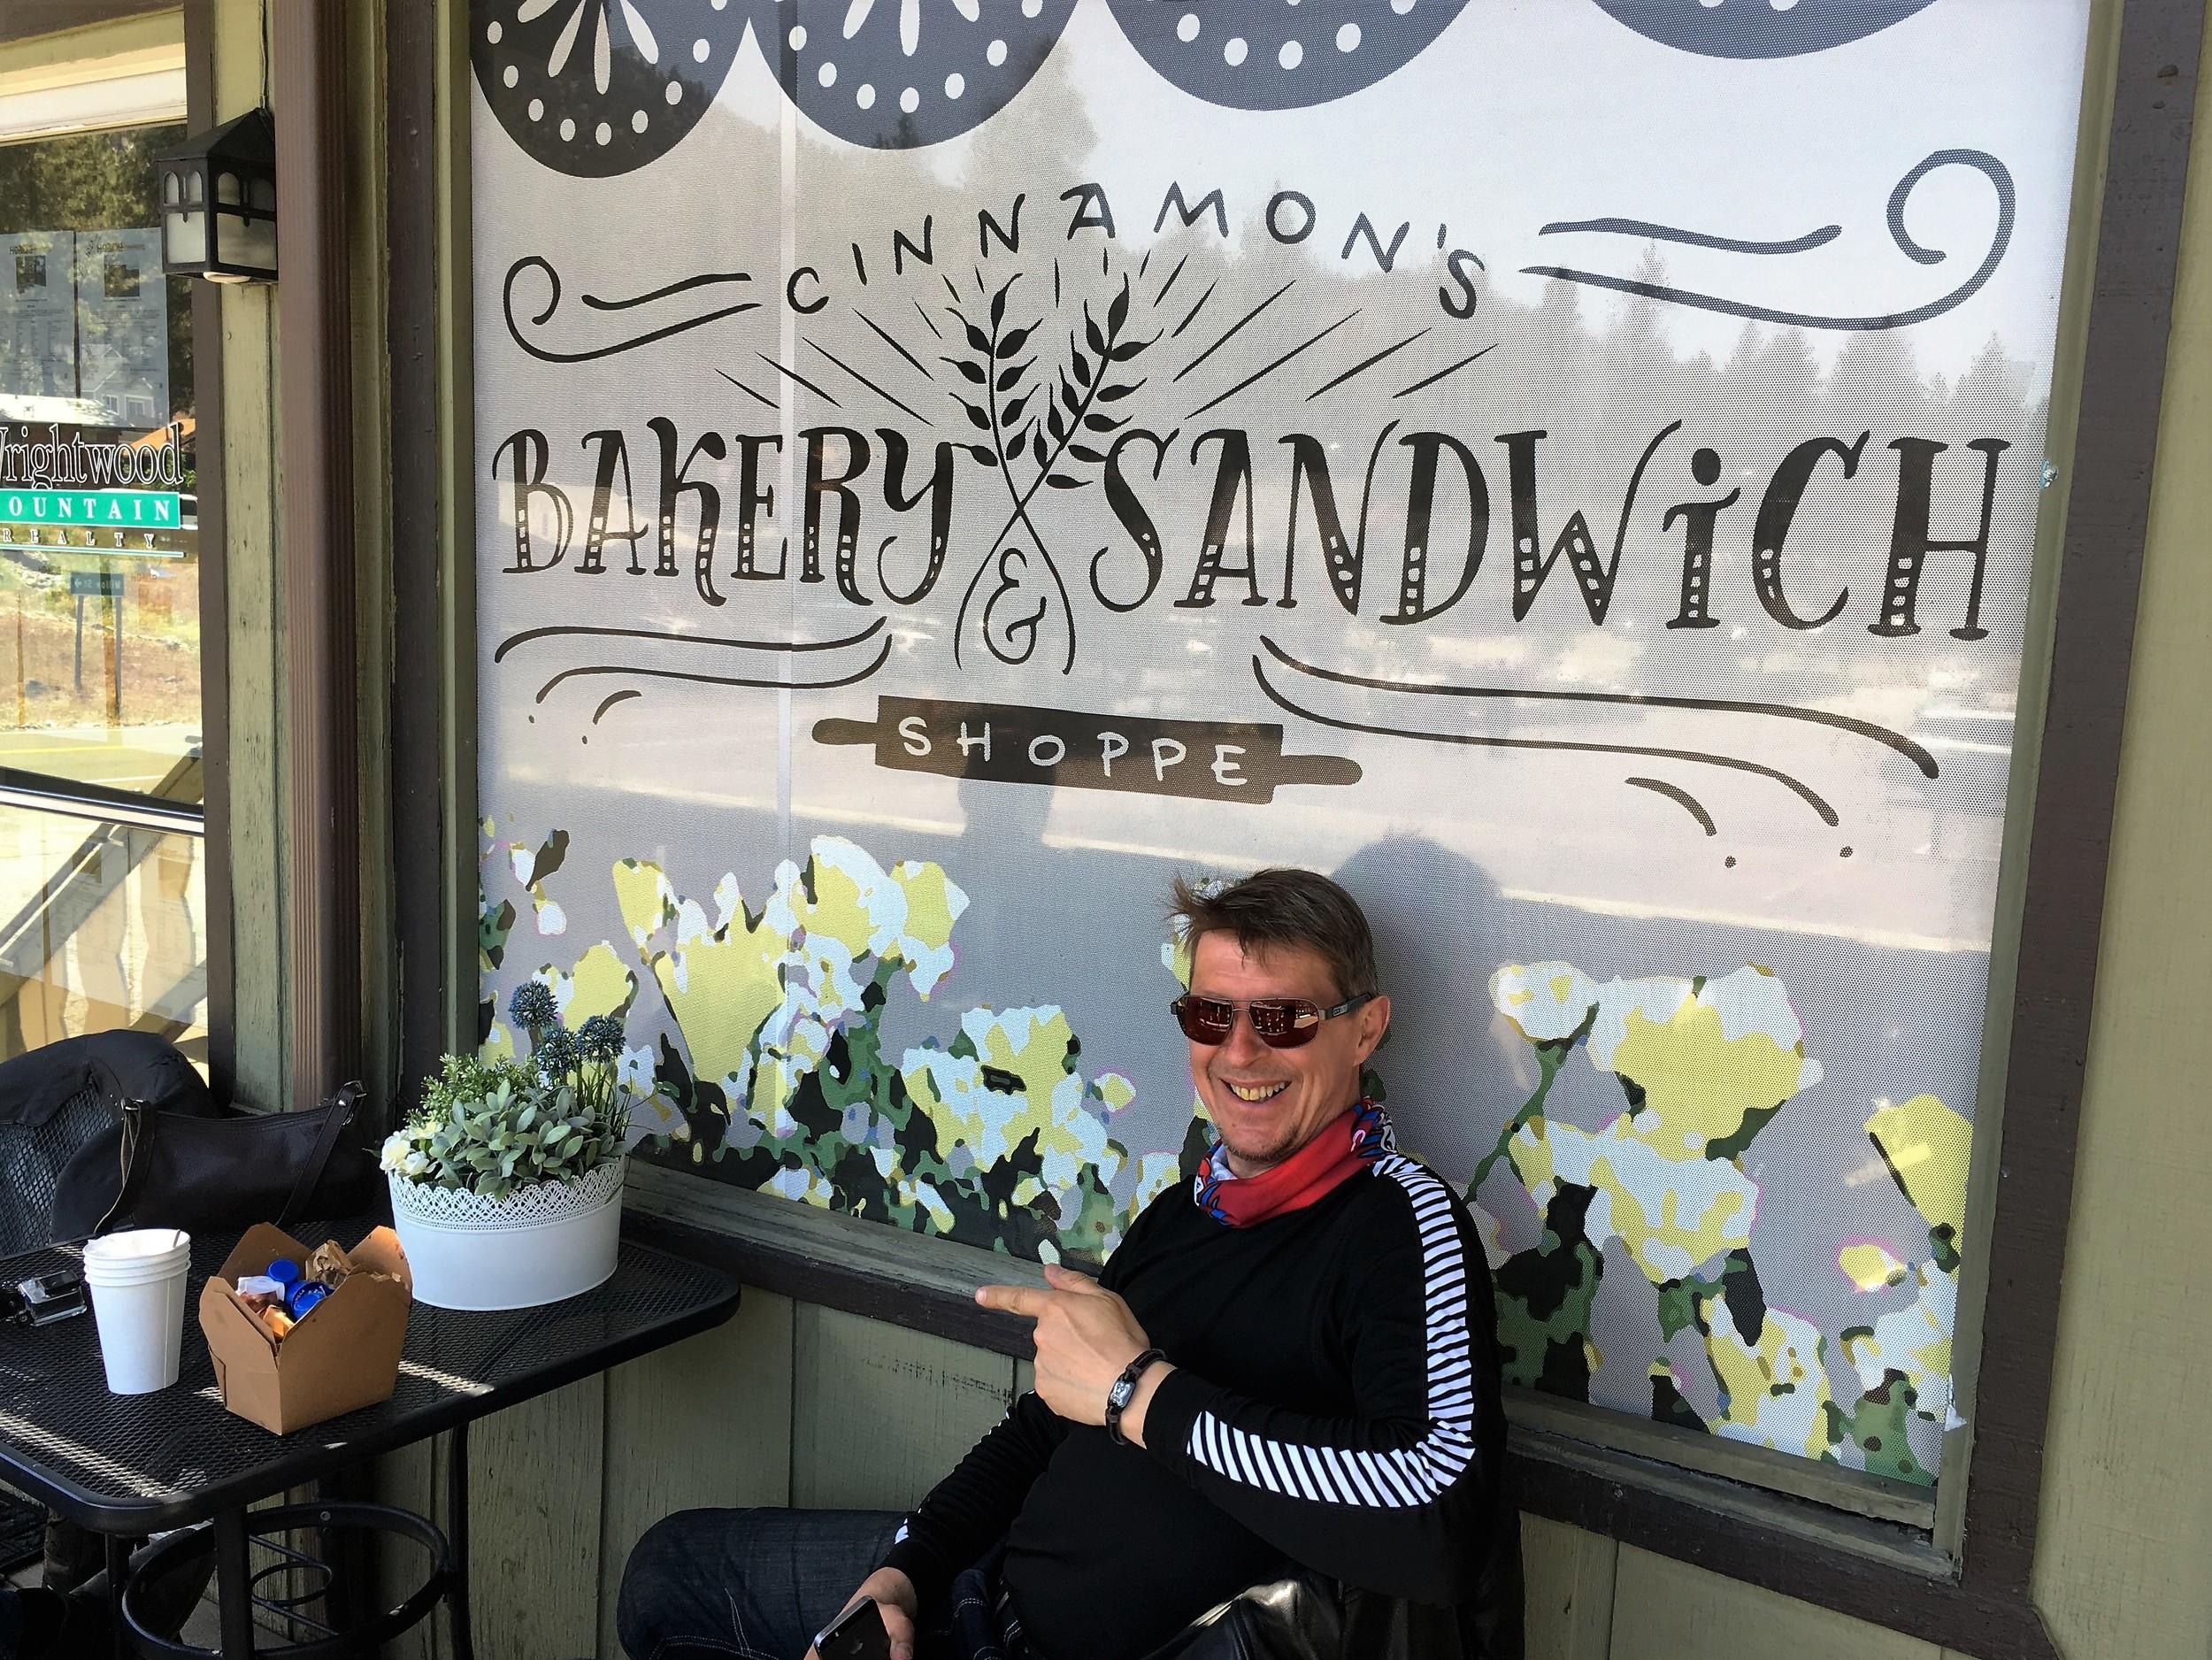 Harri ja muut nauttivat viileästä vuoristoilmasta ja erinomaisista leivoksista, Wrightwoodissa